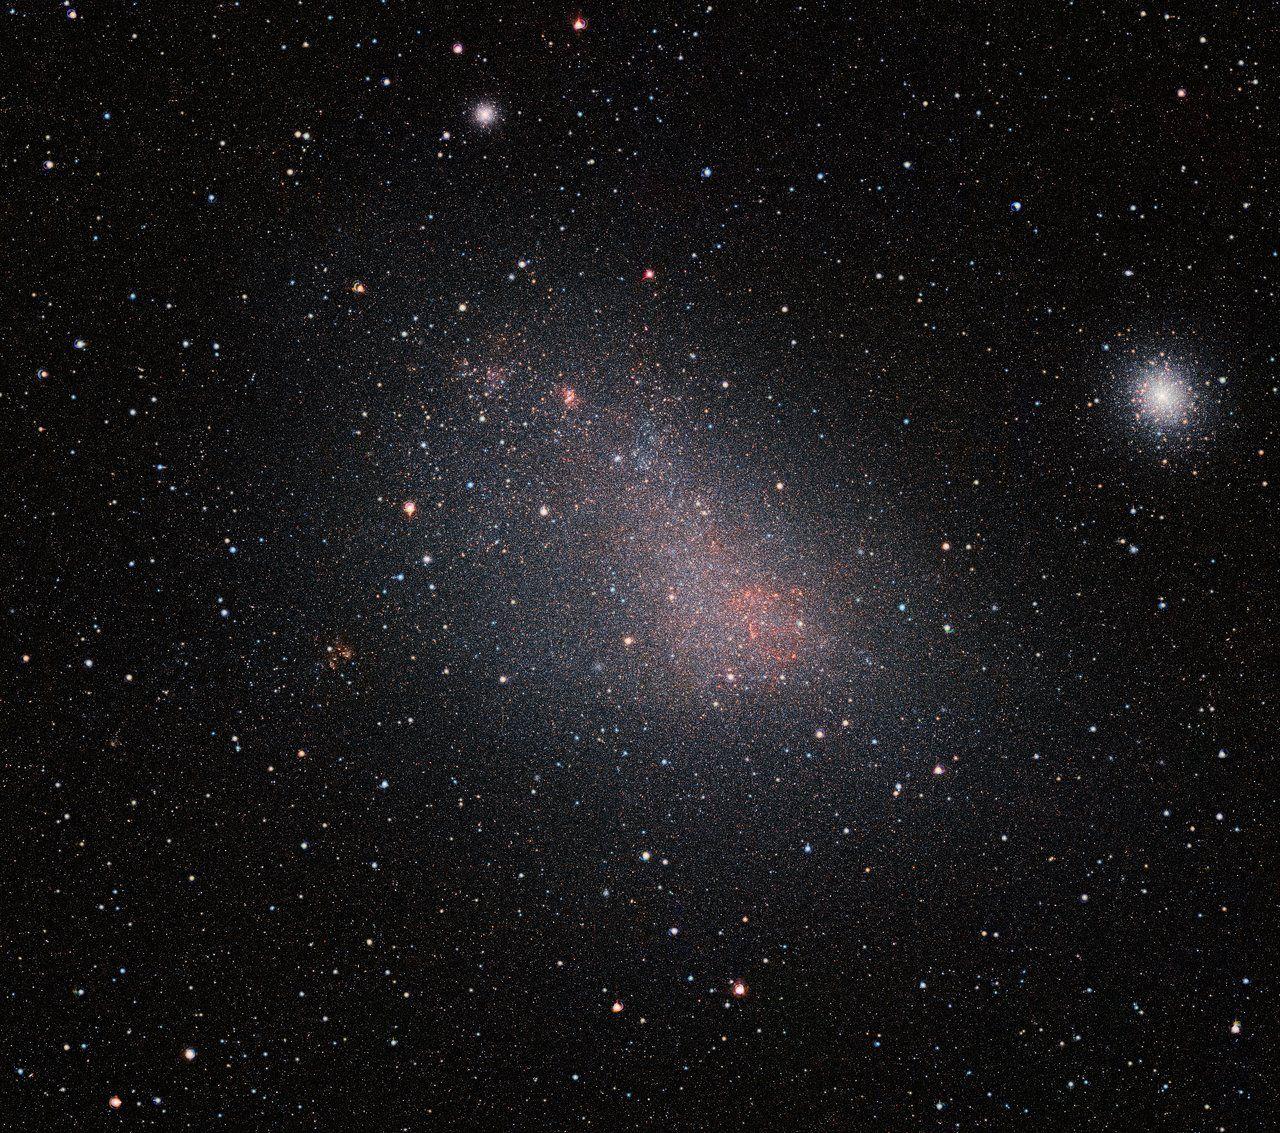 Астрономы изучили пылевую завесу Малого Магелланового облака